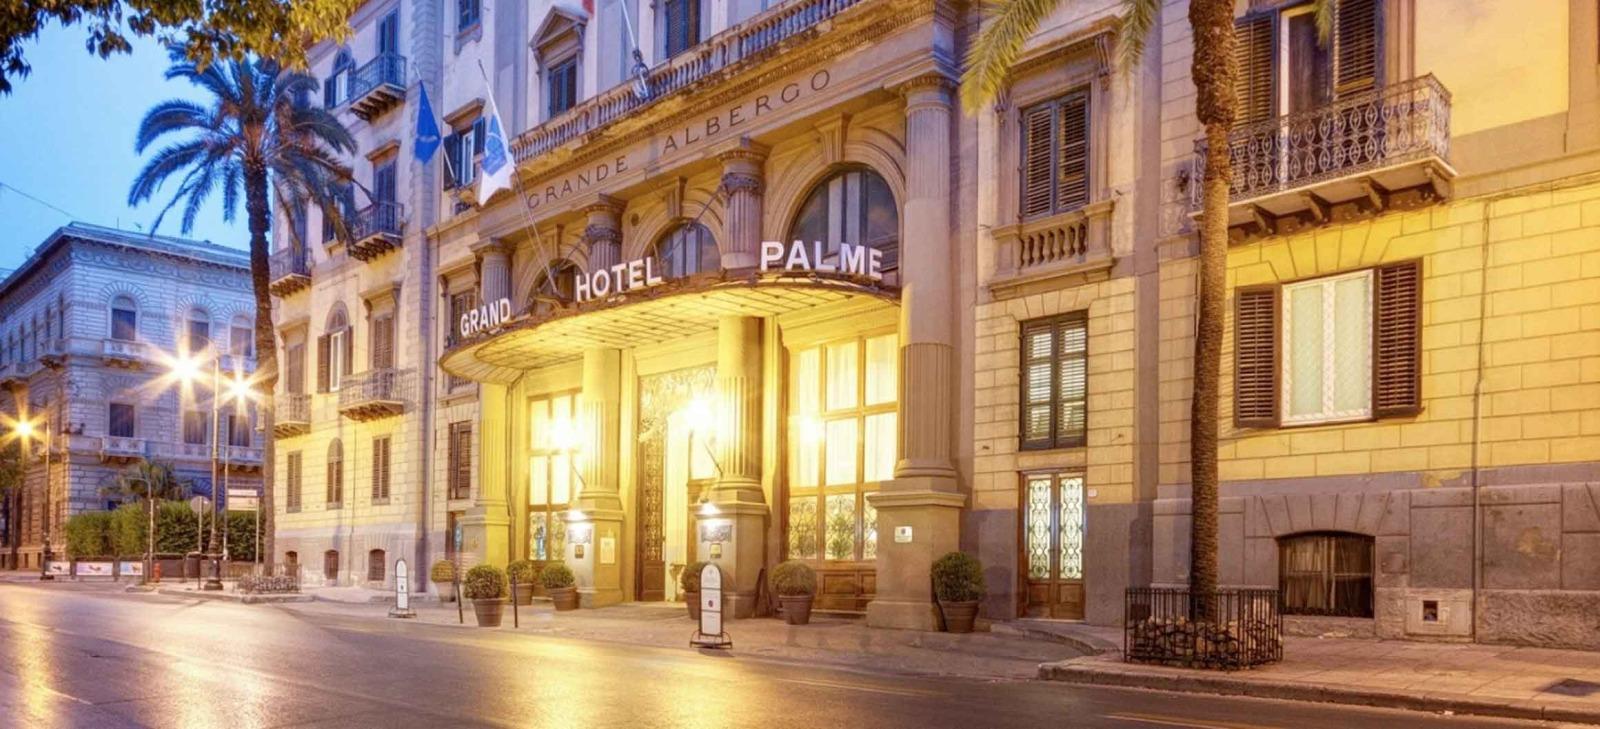 Grande Hotel et Des Palmes Palermo Italy